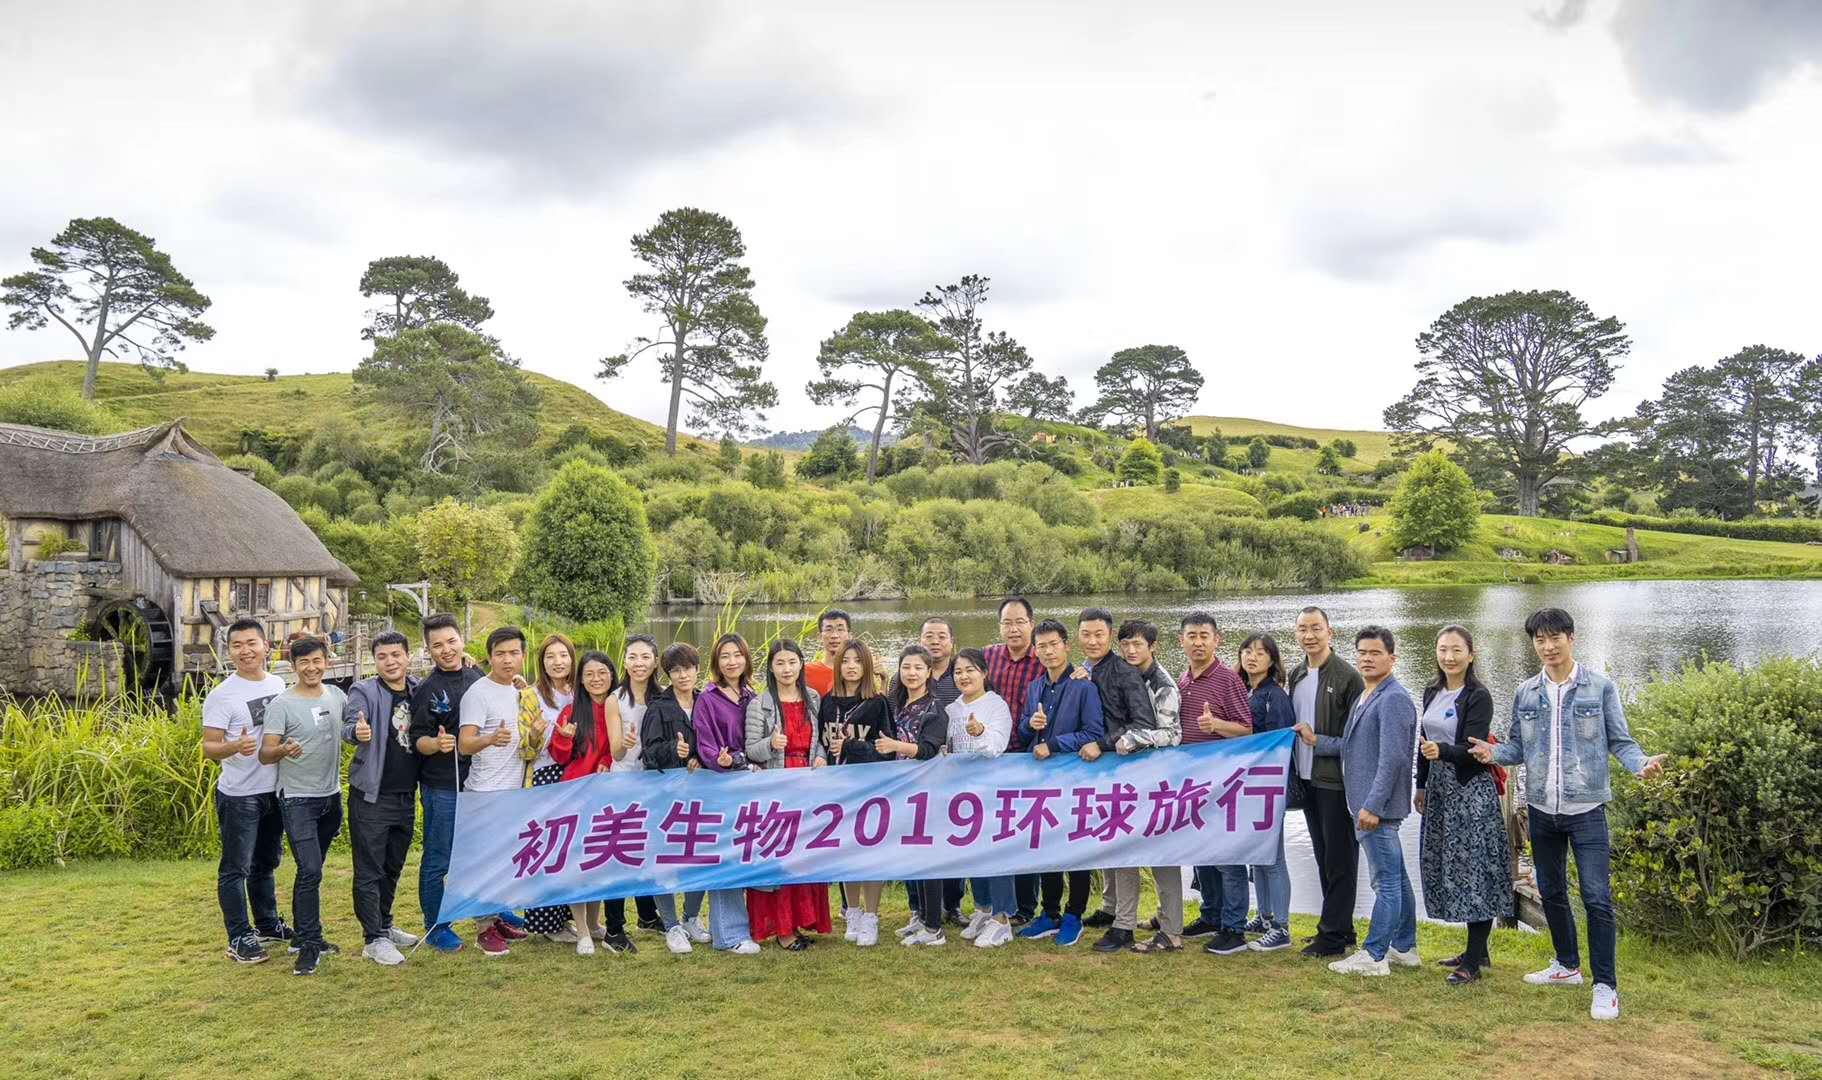 初美生物2019环球旅行新西兰站 | 100%的纯净天堂